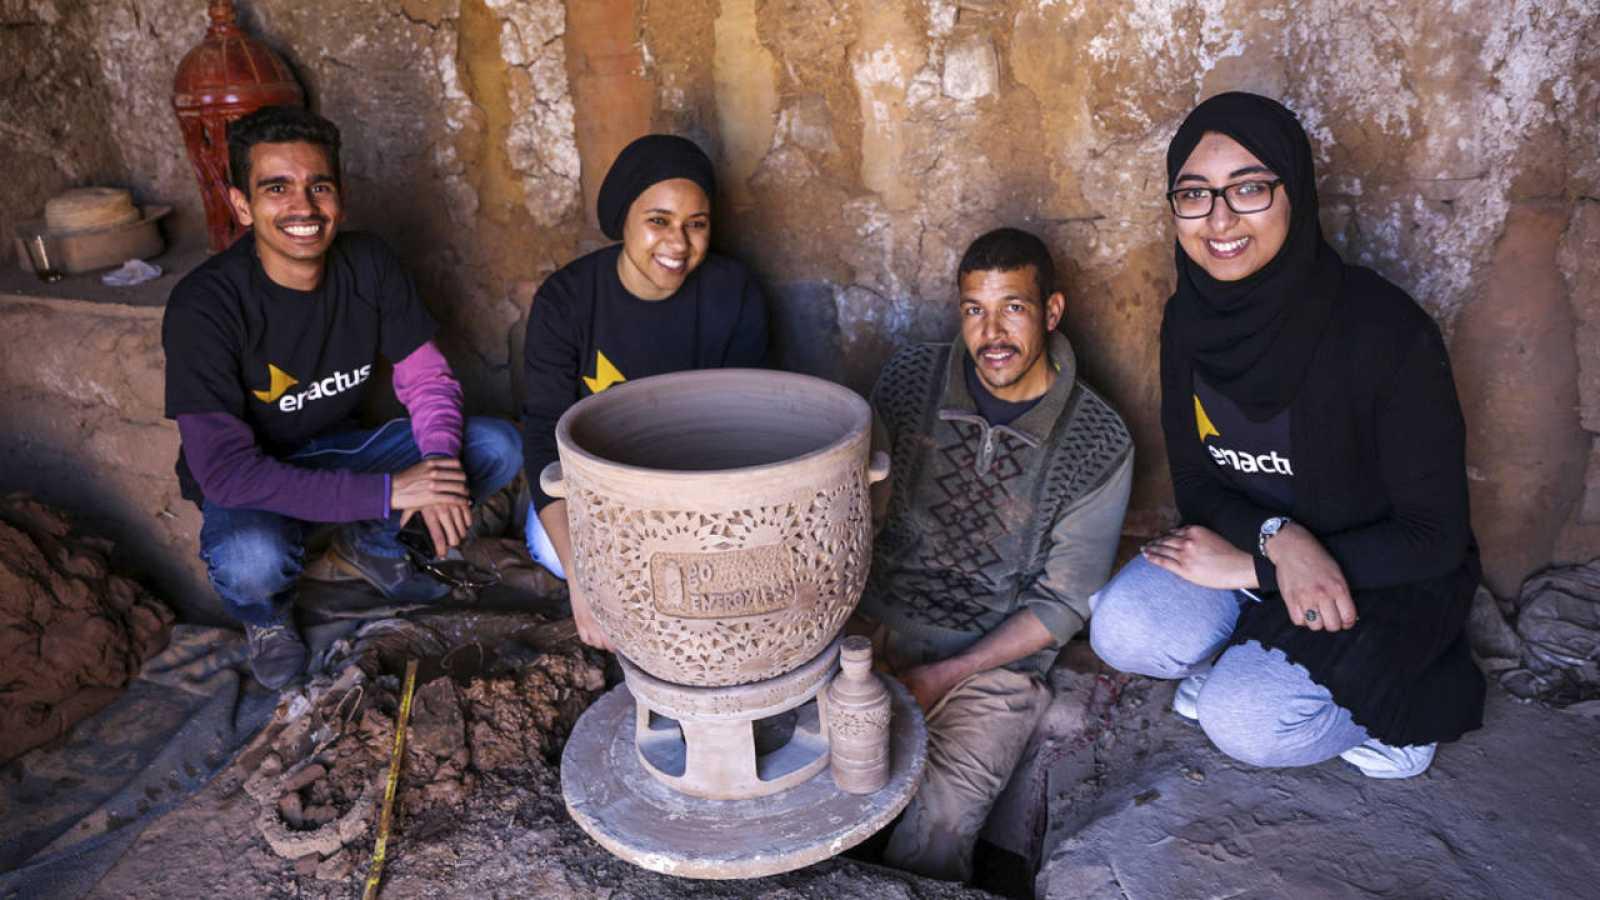 El recipiente de arcilla puede mantener una temperatura de 6 grados en las zonas secas y 12 grados en las húmedas.